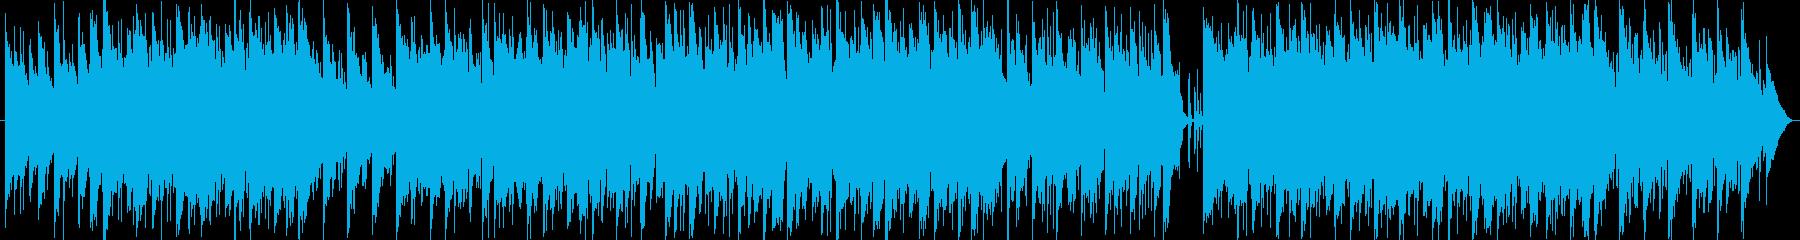 メロウな感じのインスト曲です。の再生済みの波形